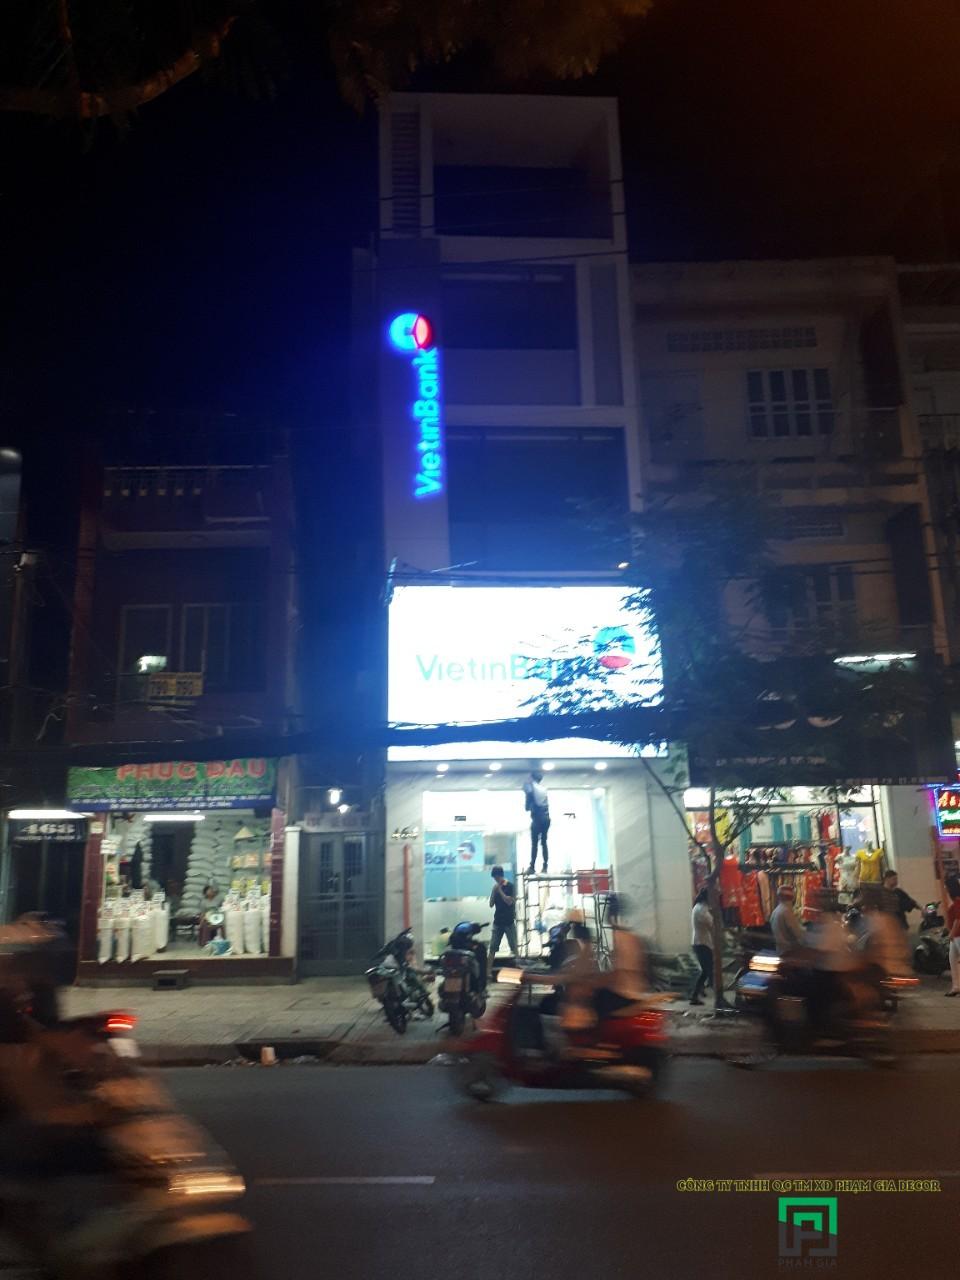 Thi Công Hộp Đèn 3M LED Siêu Sáng NH ViettinBank